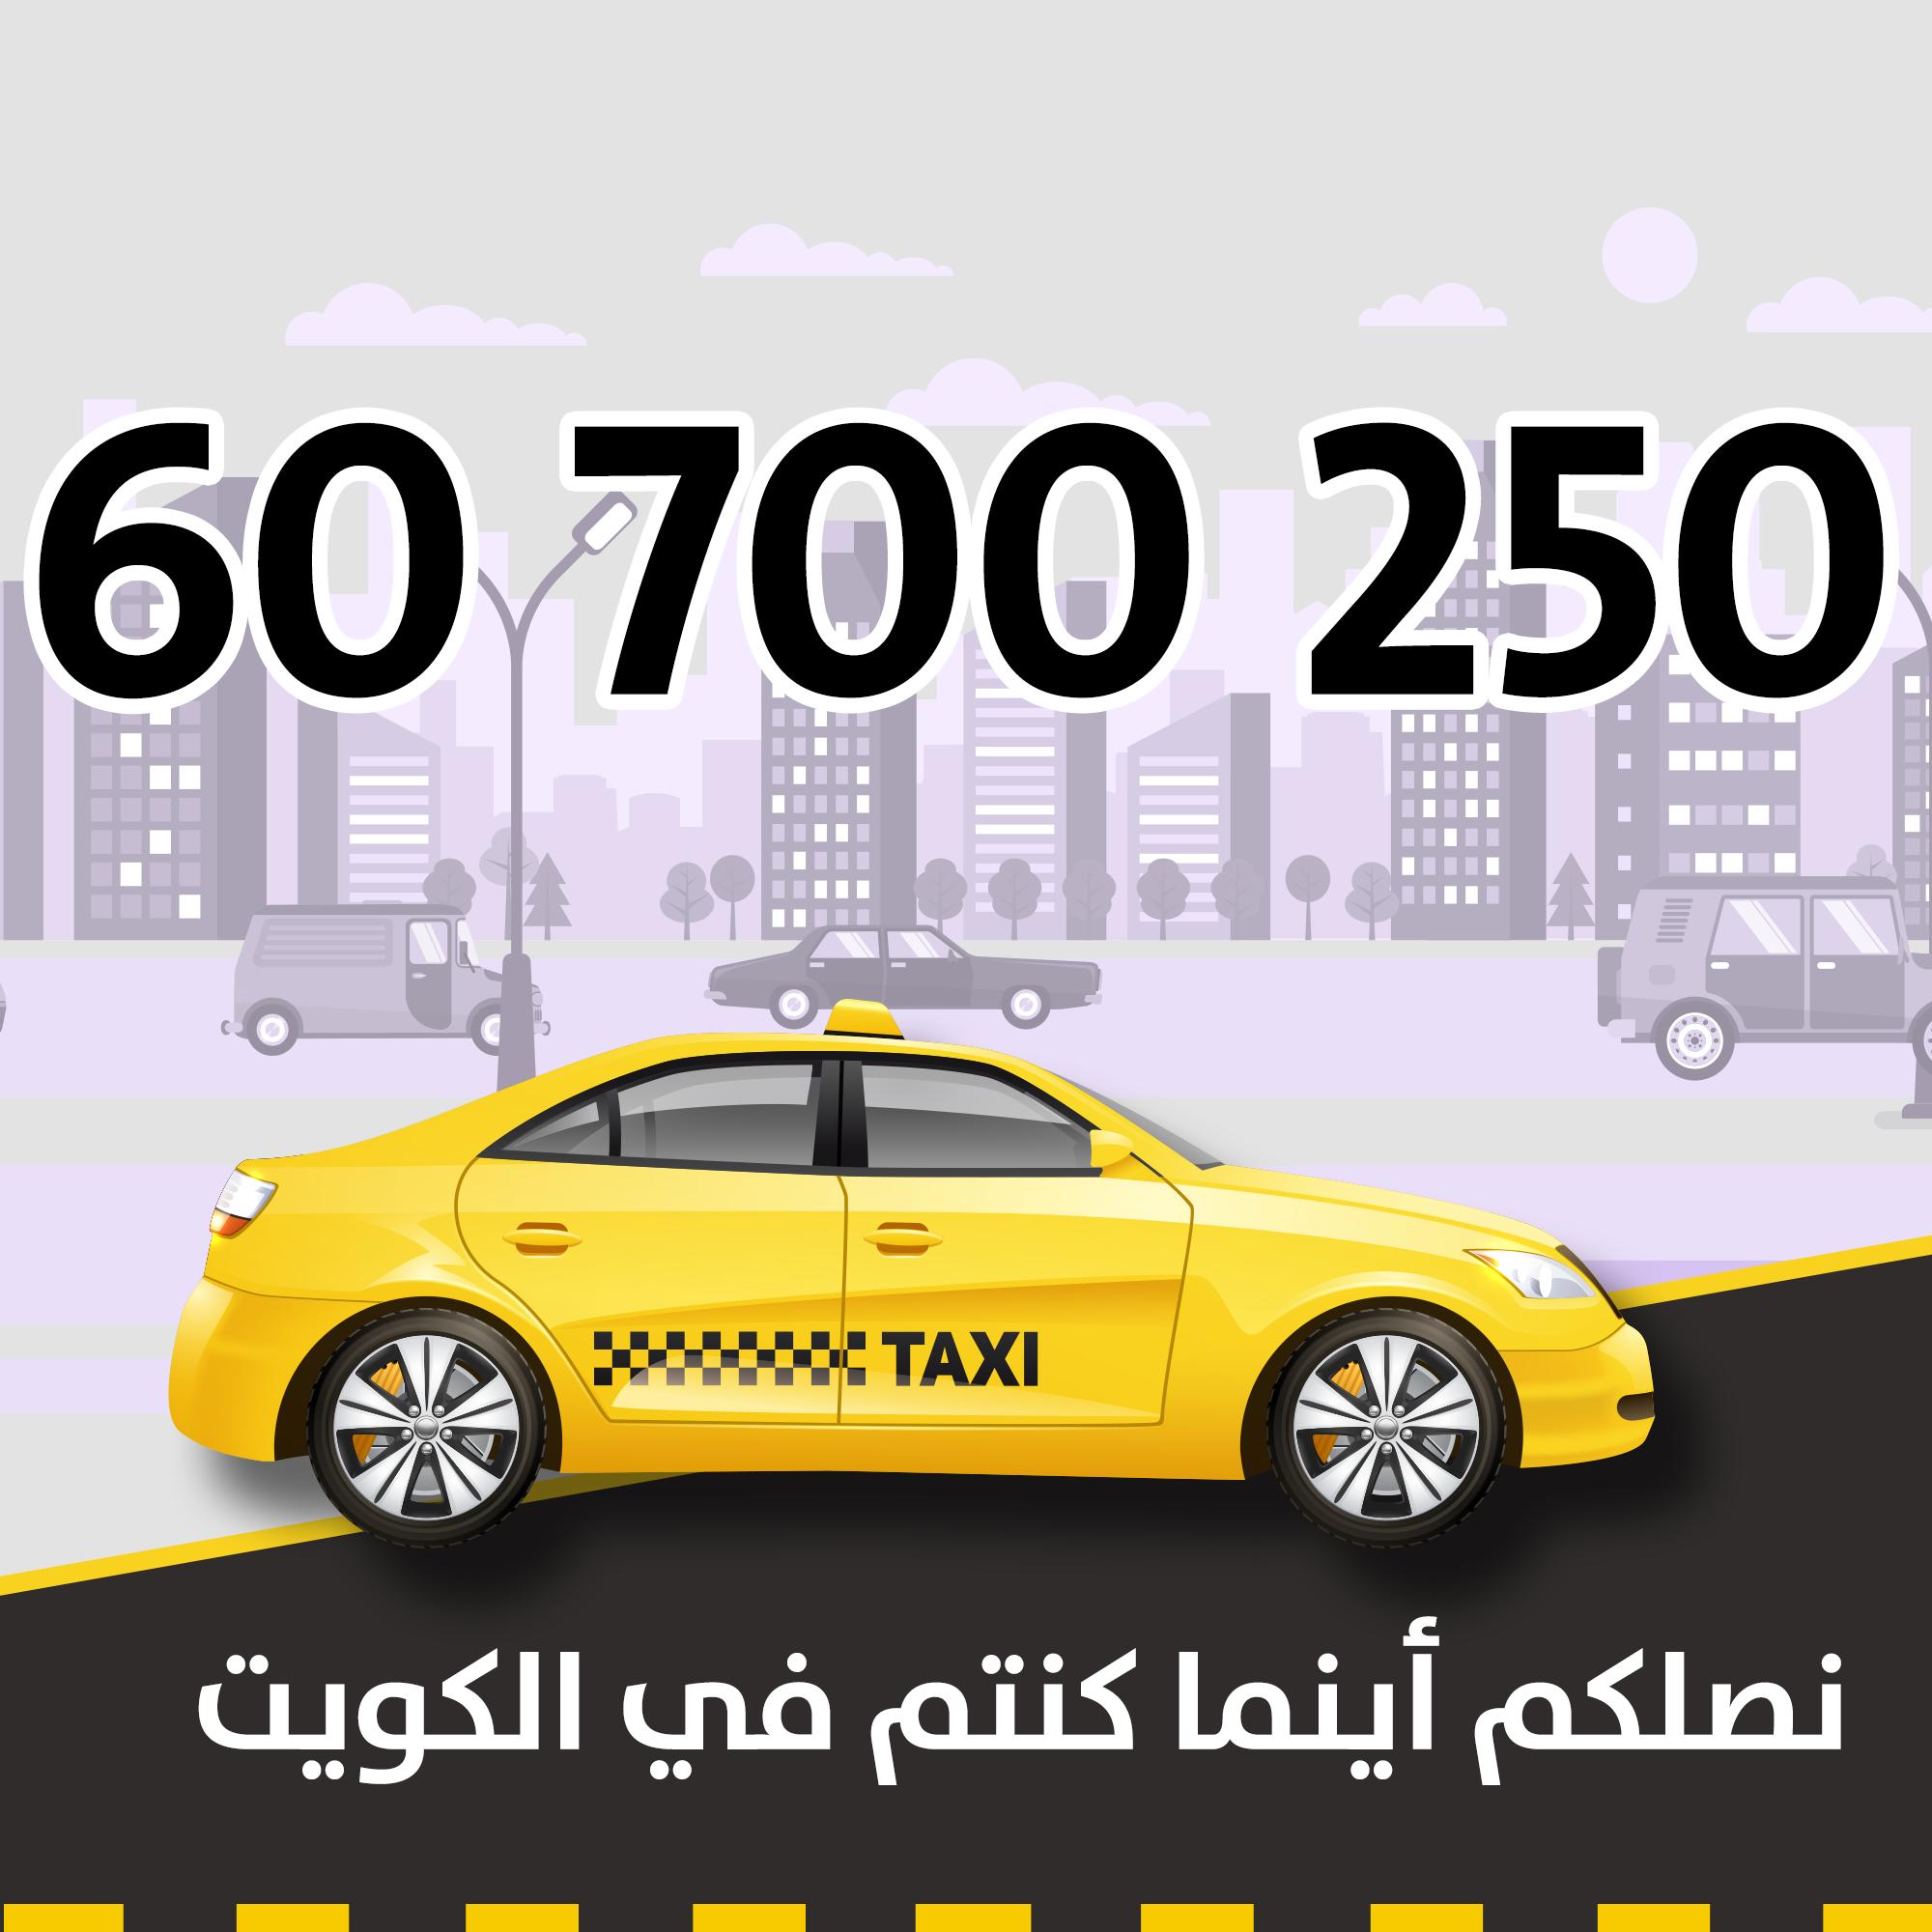 تاكسي توصيلة في شارع الزبير بن العوام